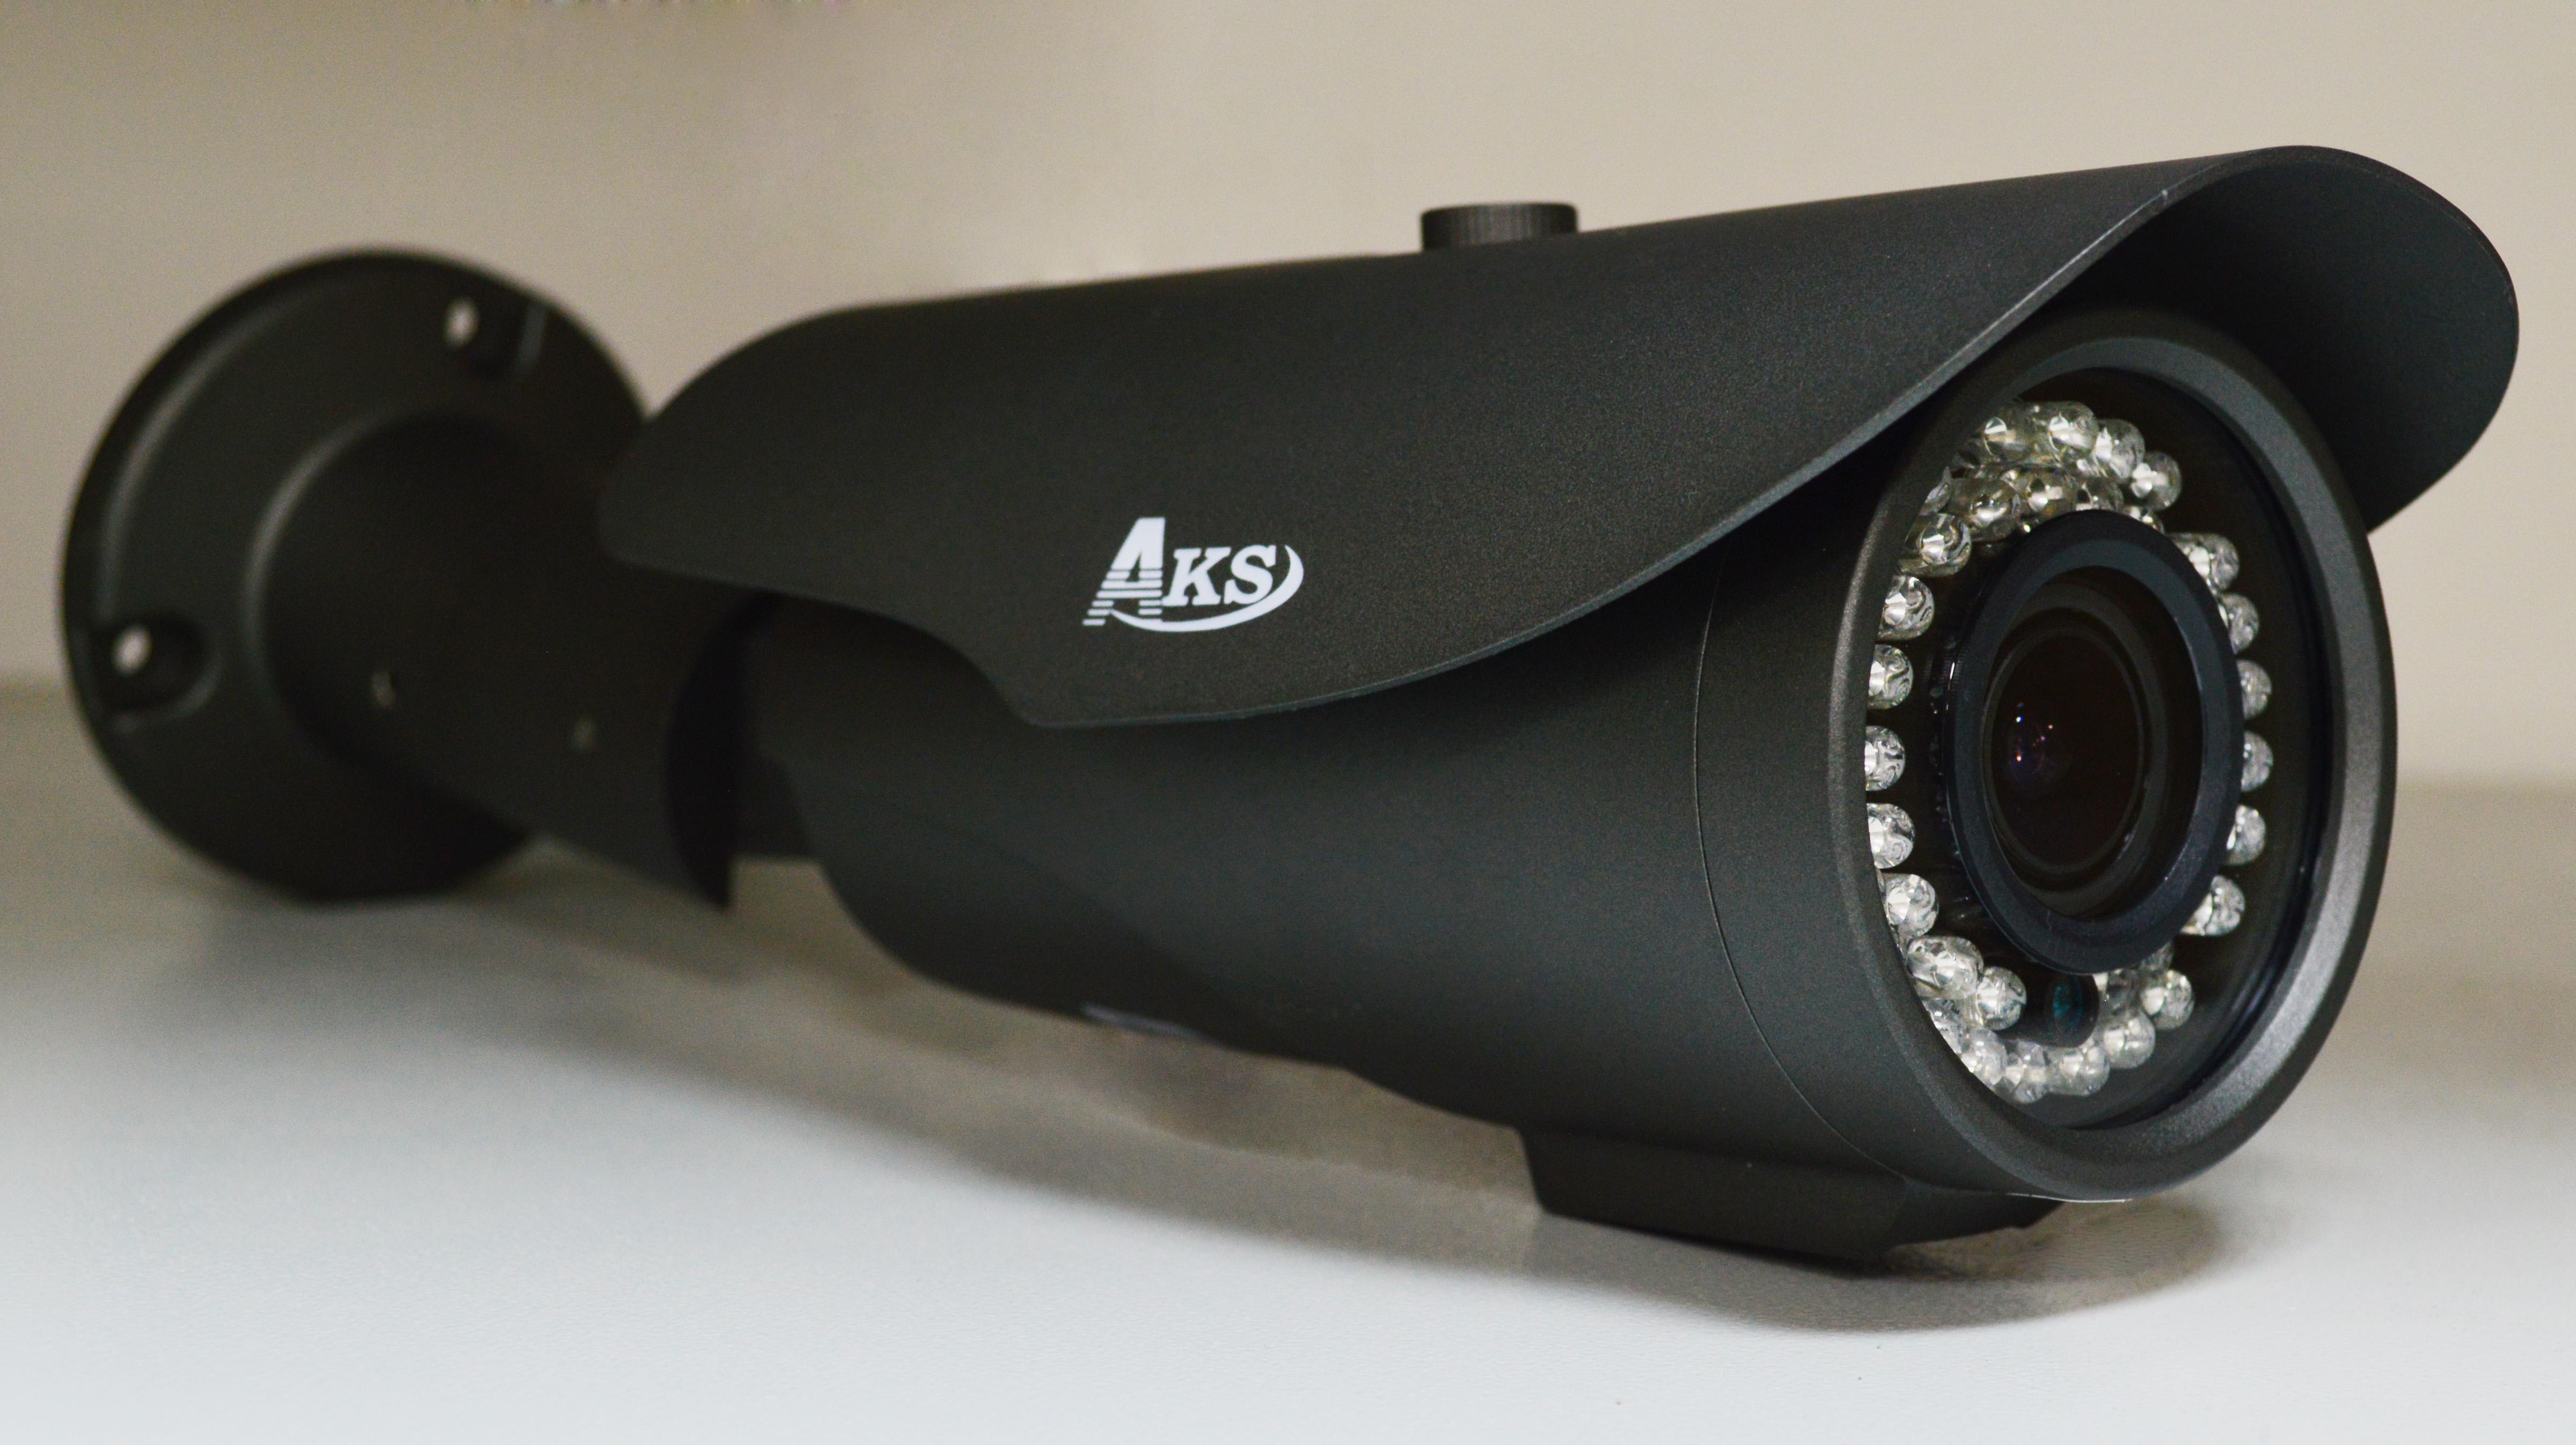 AKS-7203 V AHD